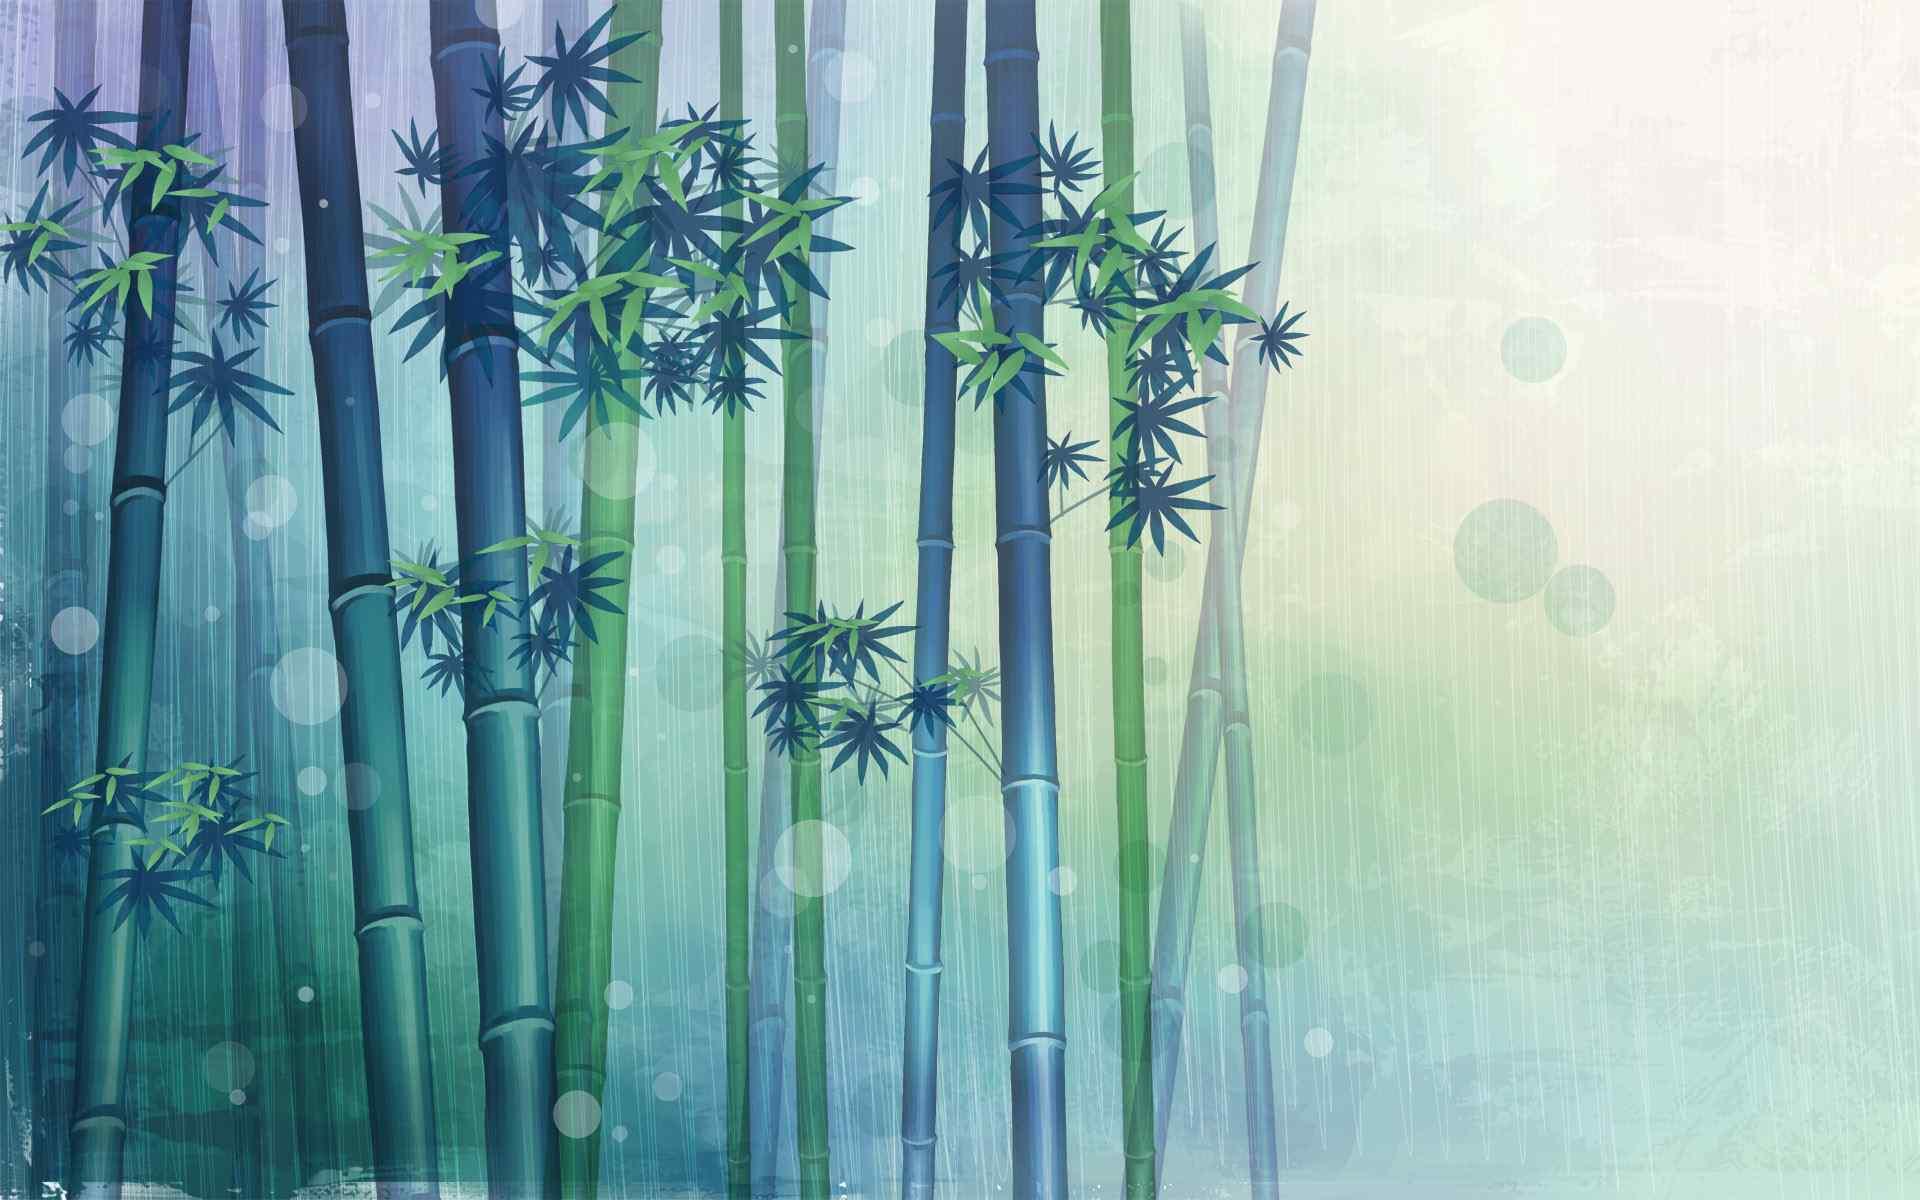 创意竹子炫彩桌面壁纸